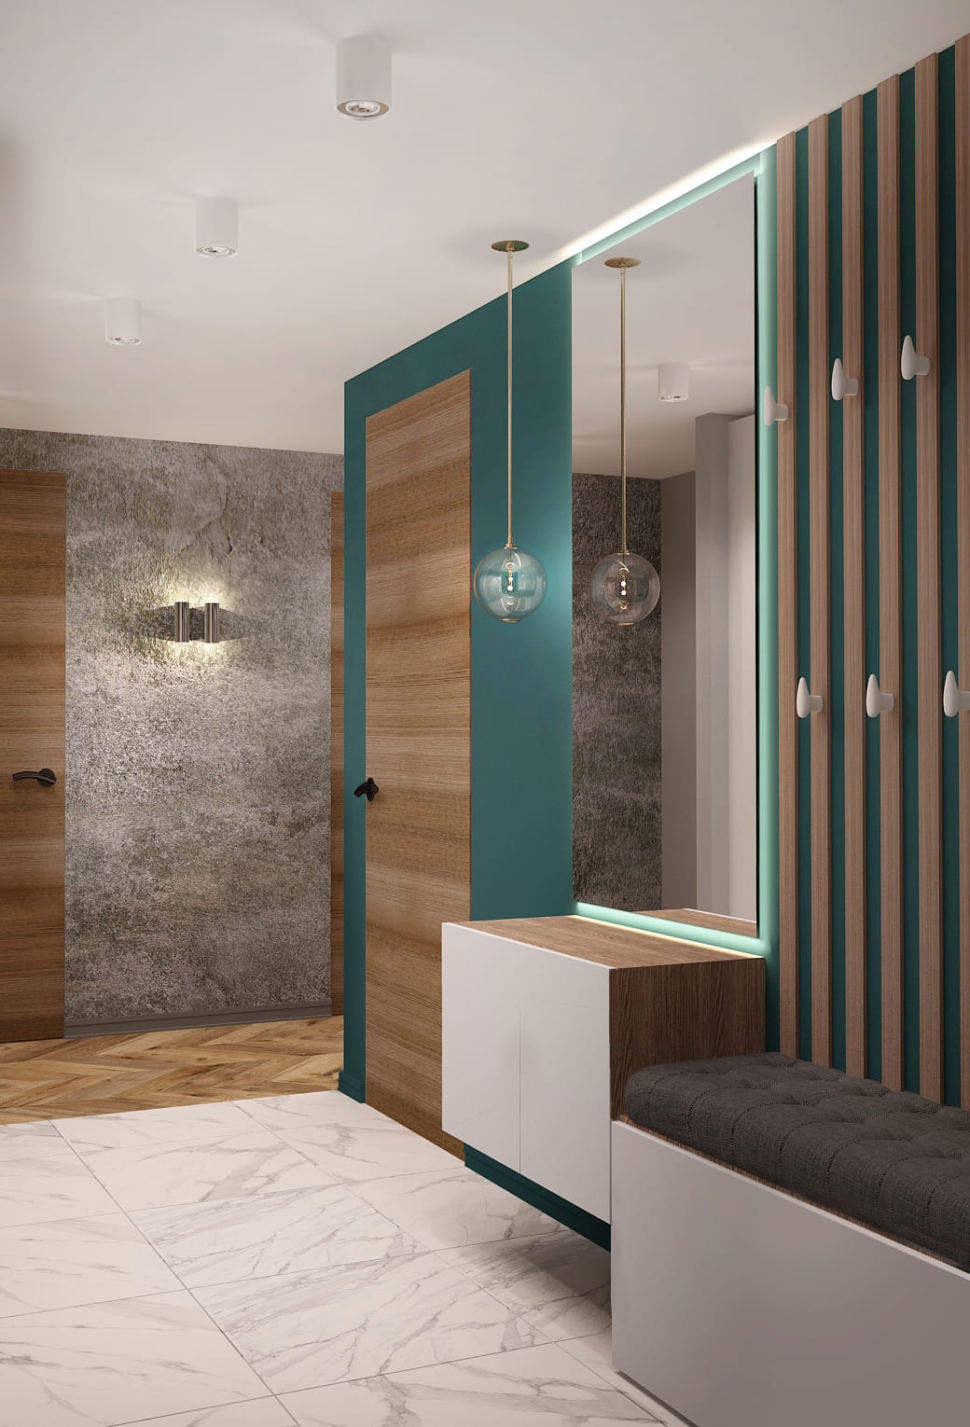 Дизайн интерьера прихожей в бирюзовых тонах 7 кв.м, белая скамья, зеркало, подвесной светильник, тумба, белая плитка под мрамор